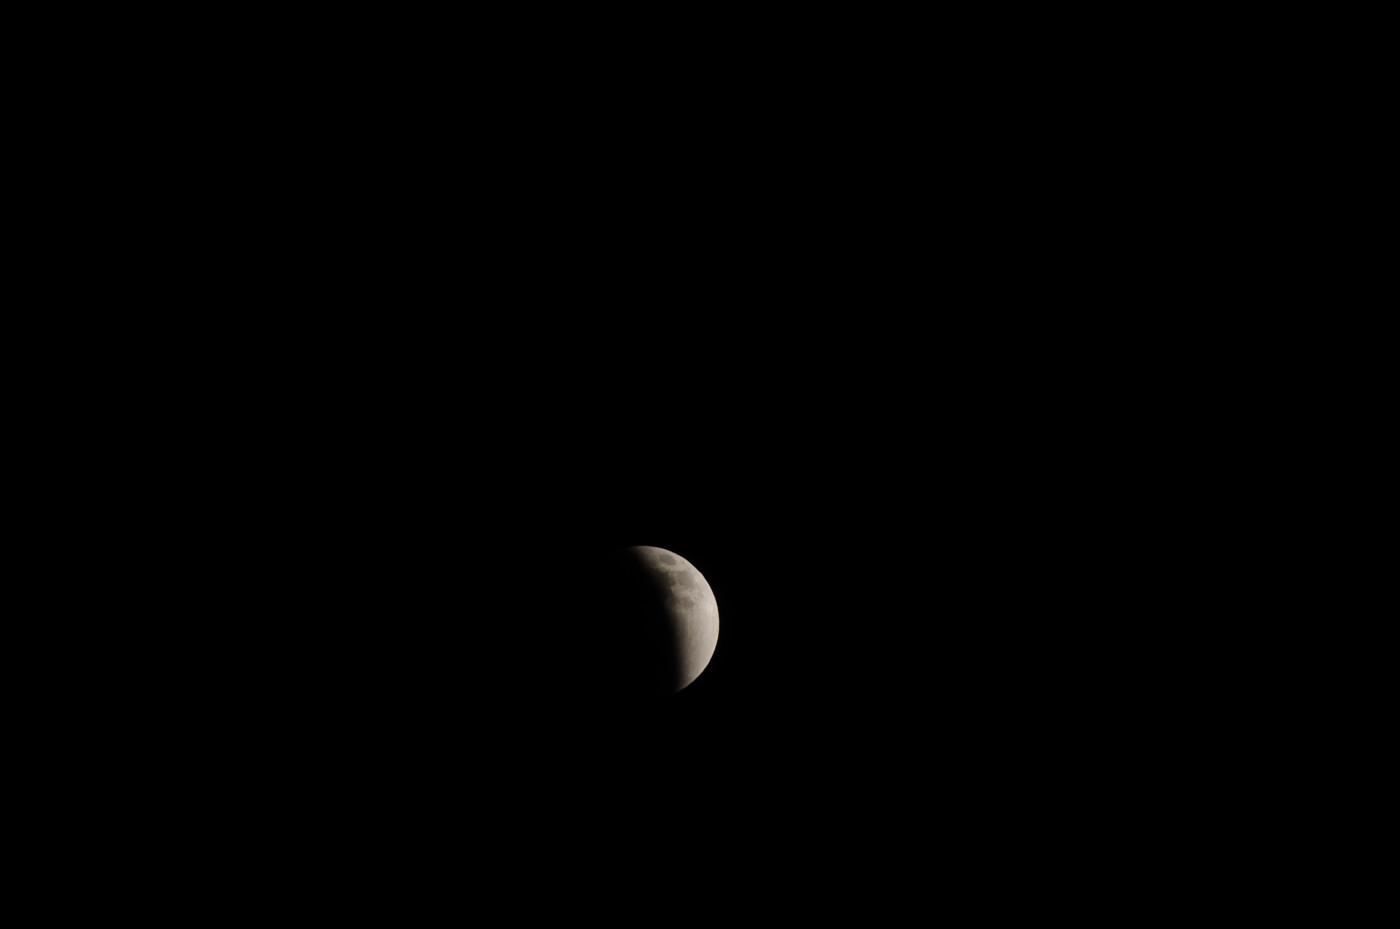 月がかなり欠けているでゲソ